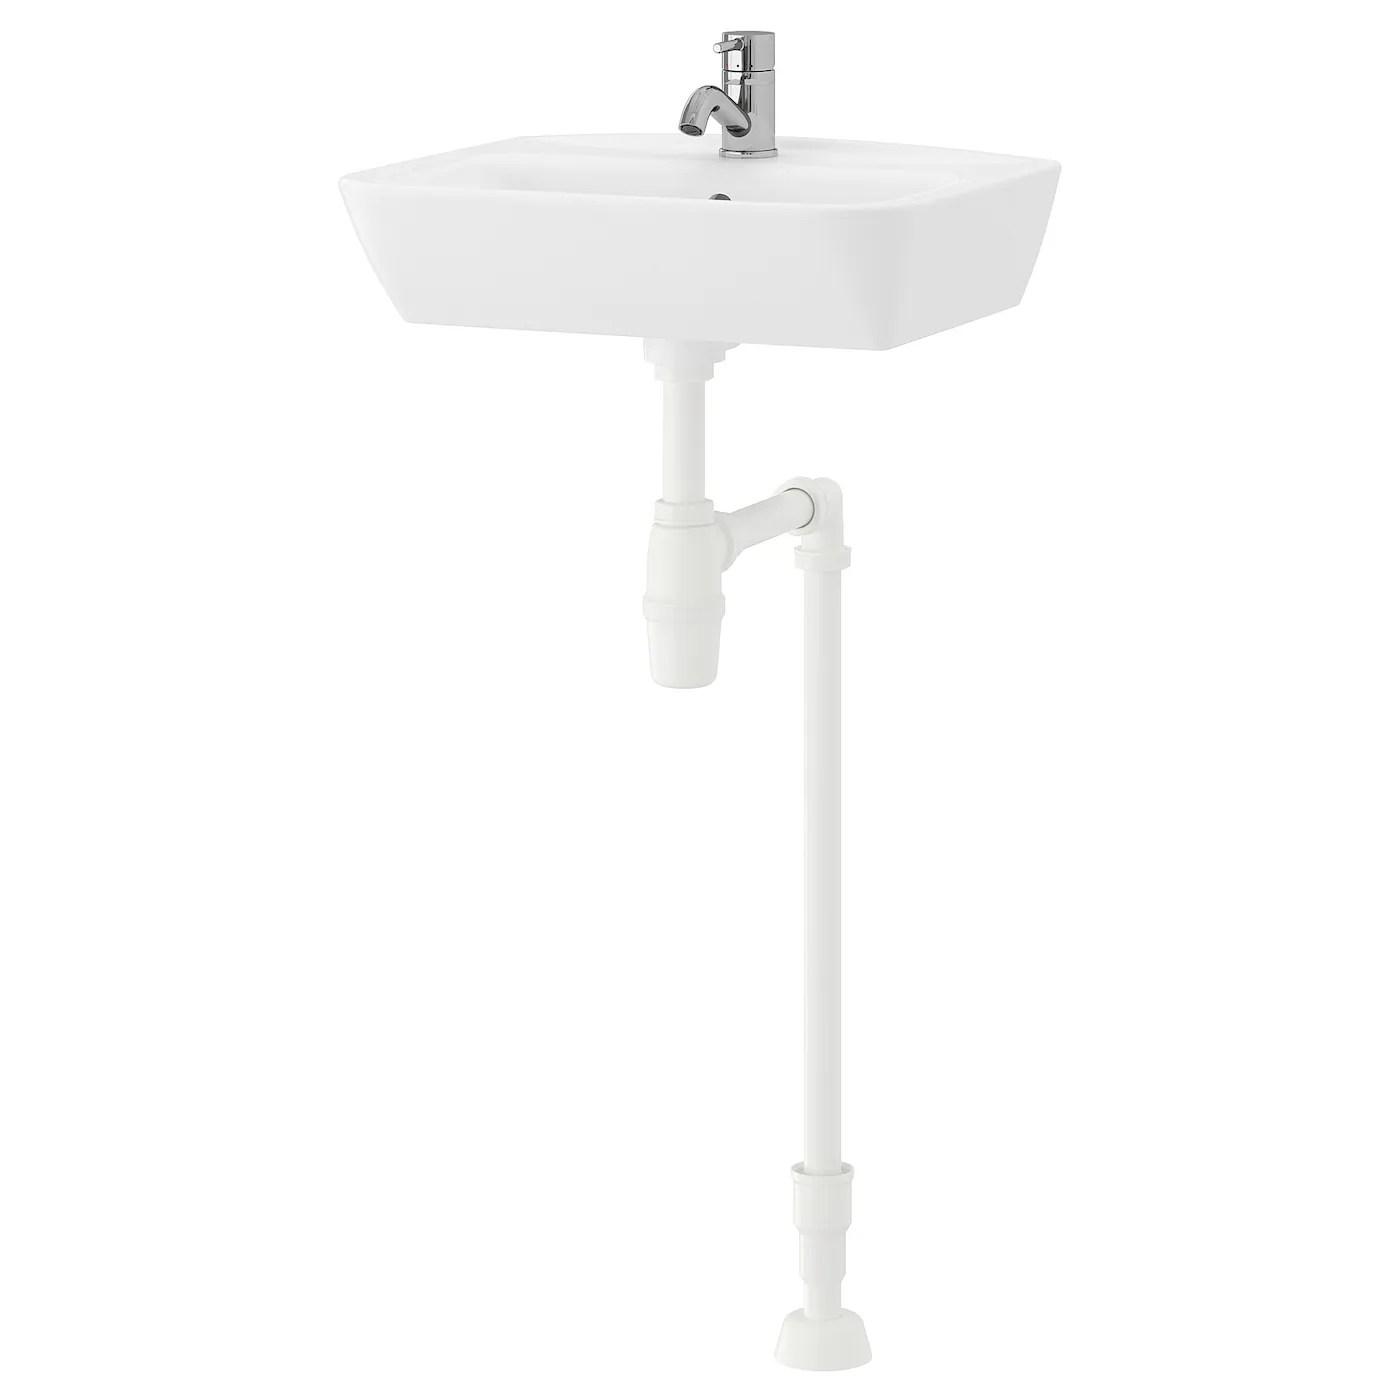 Lavabo Et Vasque Pour Votre Salle De Bain Ikea